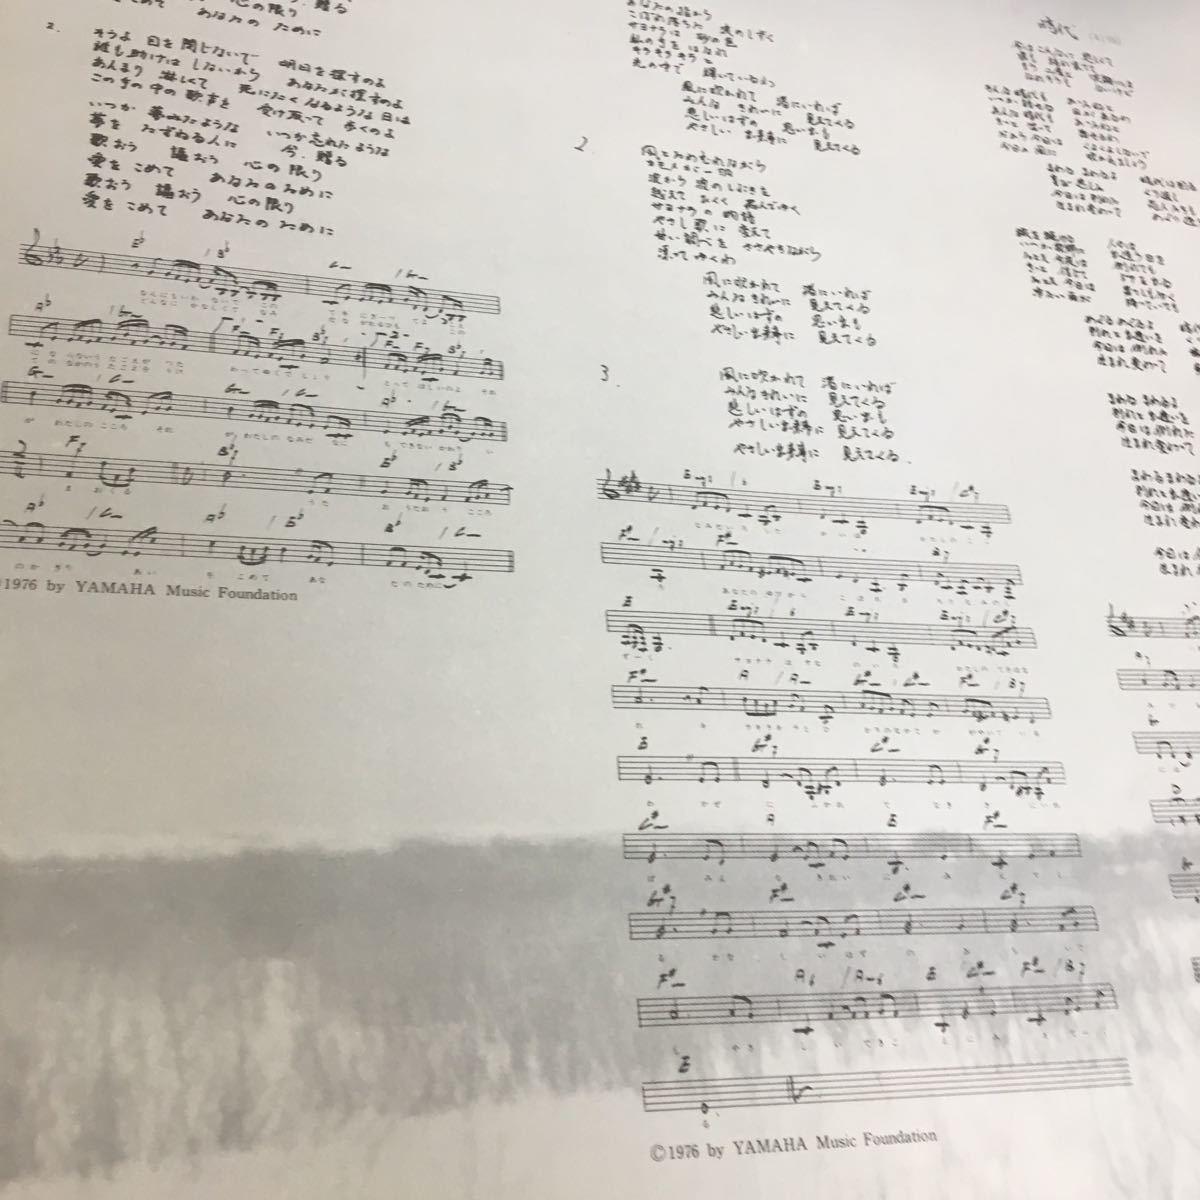 【中島みゆき・私の声が聞こえますか】ファーストアルバム LP レコード 時代 アザミ嬢のララバイ  1976年 YAMAHA【20/02 J2】_画像7